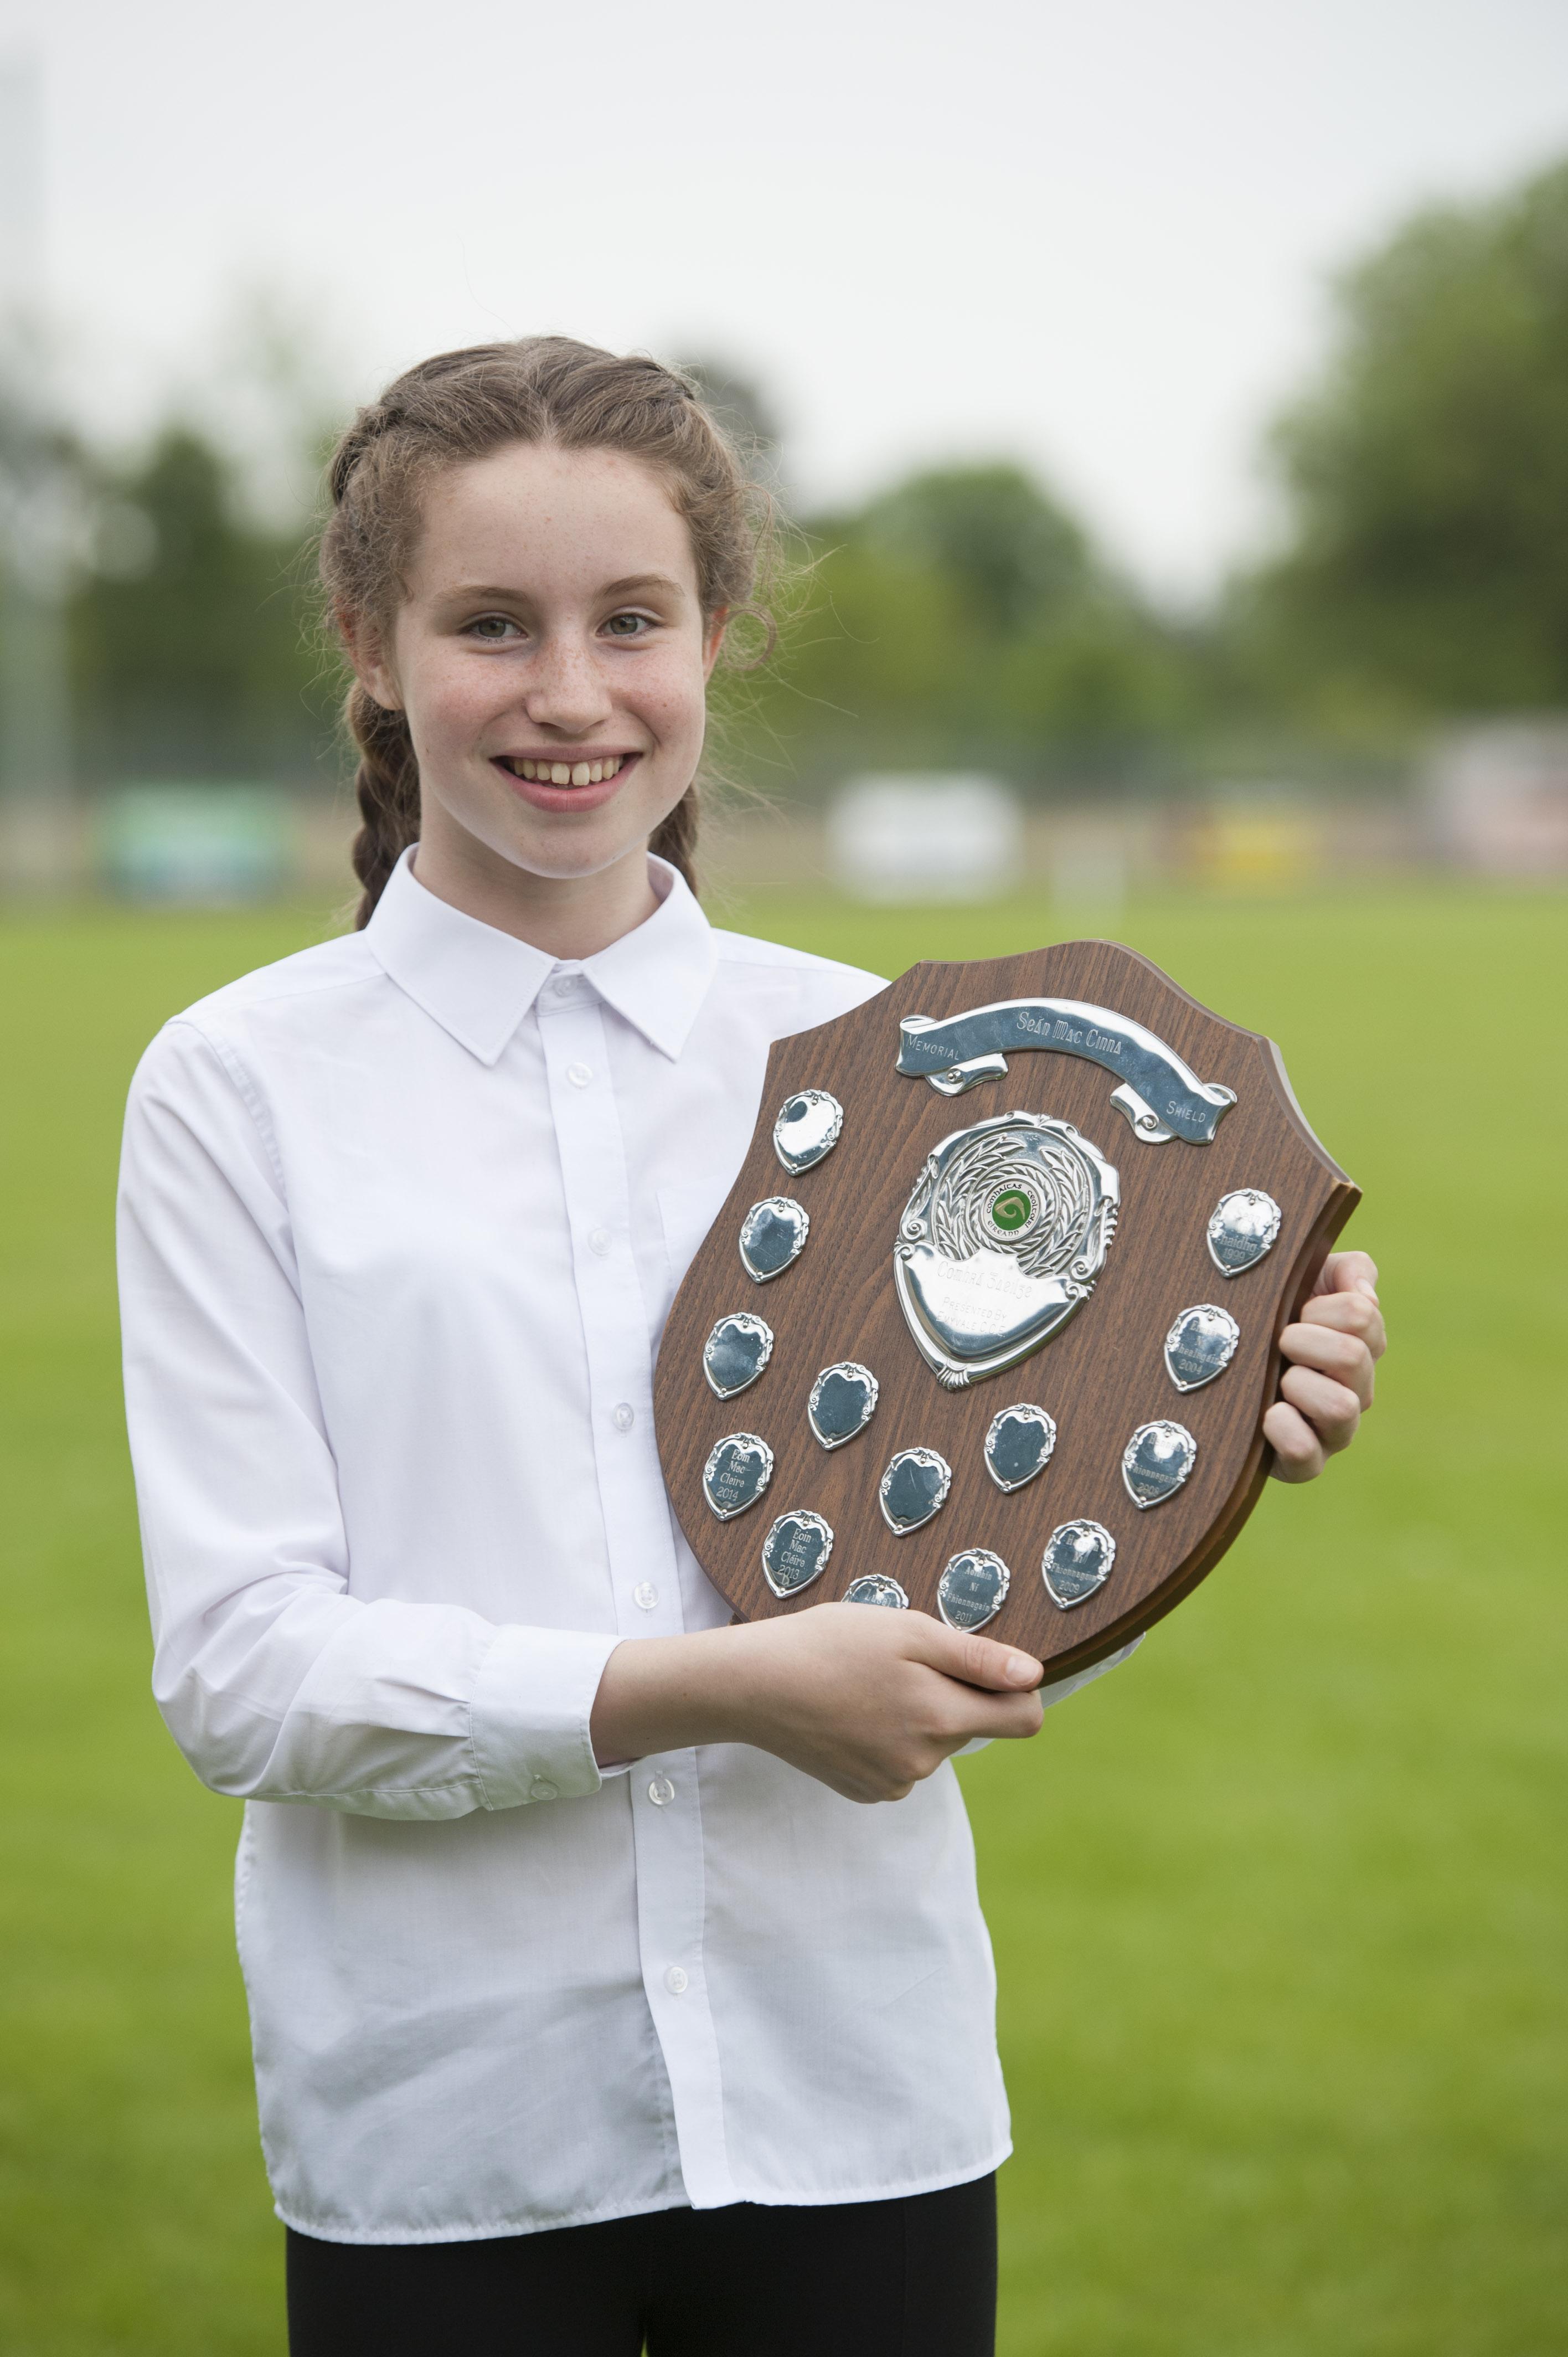 Maire Cáit Ní Artáin, Carraig Mhachaire Rois CCE, who was winner of the Sean MacCinna Memorial Sheild for the U-13 Comhrá Gaelige. ©Rory Geary/The Northern Standard